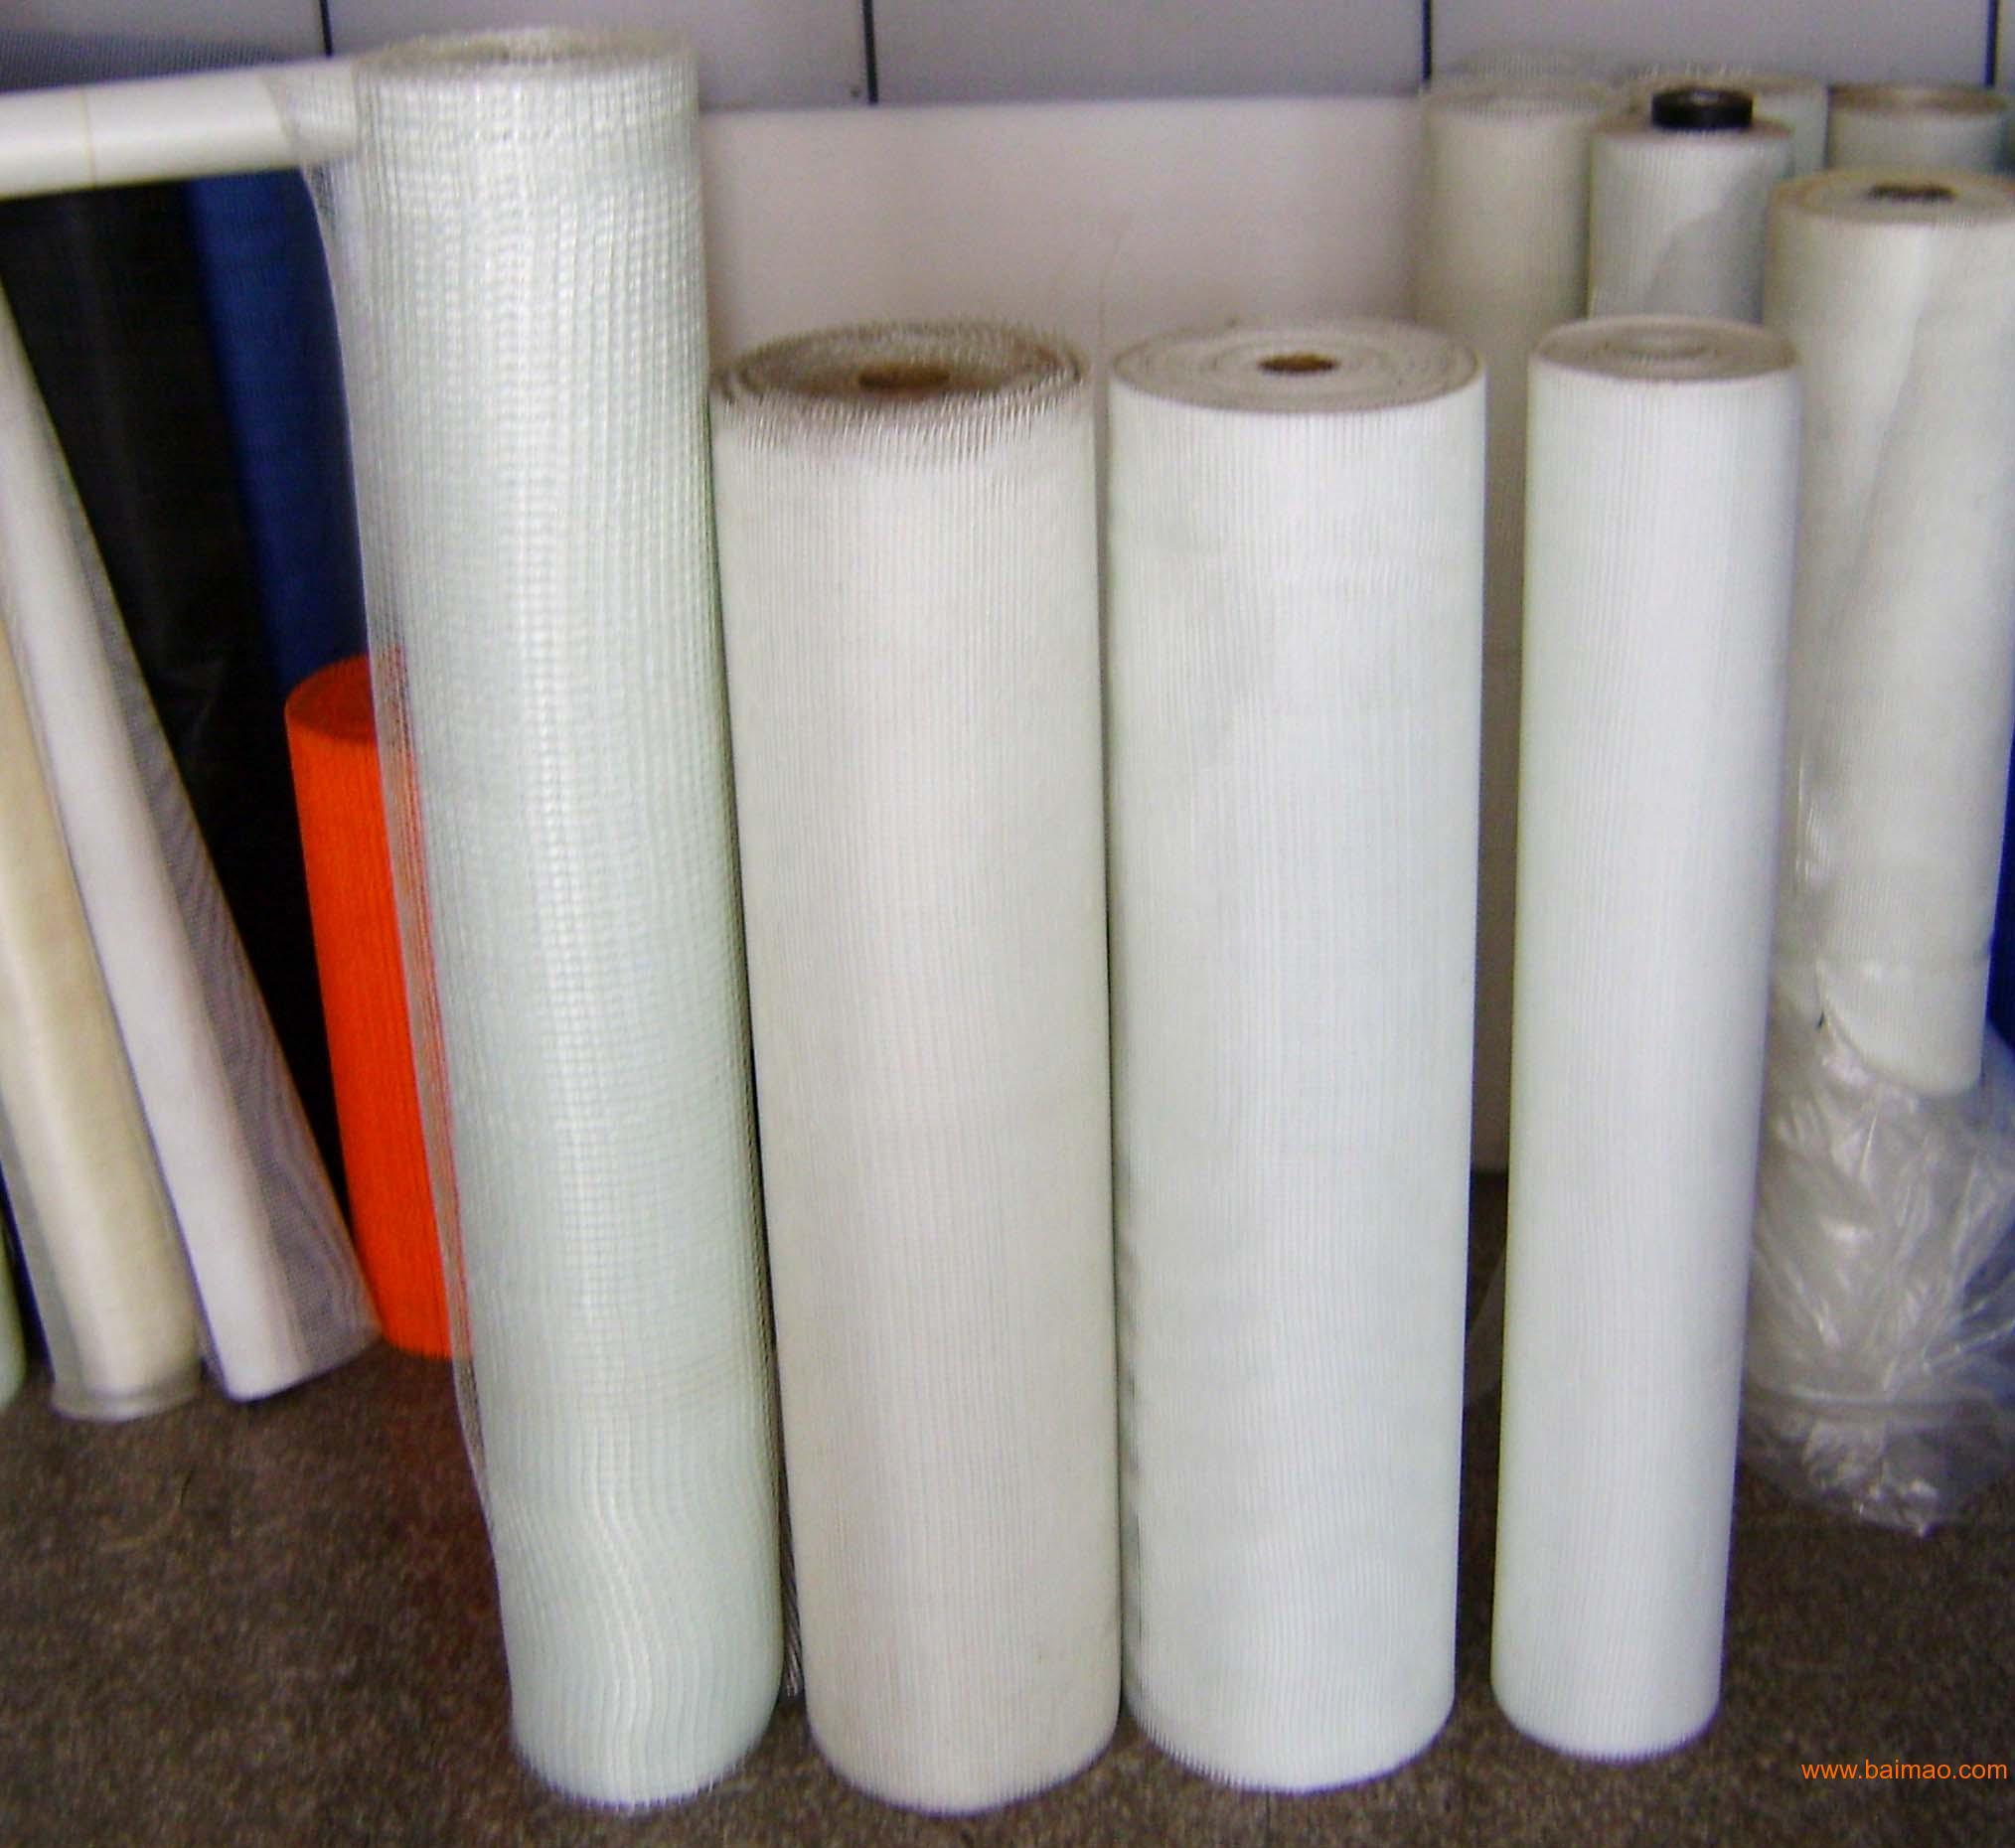 线条EPS自粘网格布,线条EPS自粘网格布生产厂家,线条EPS自粘网格布价格